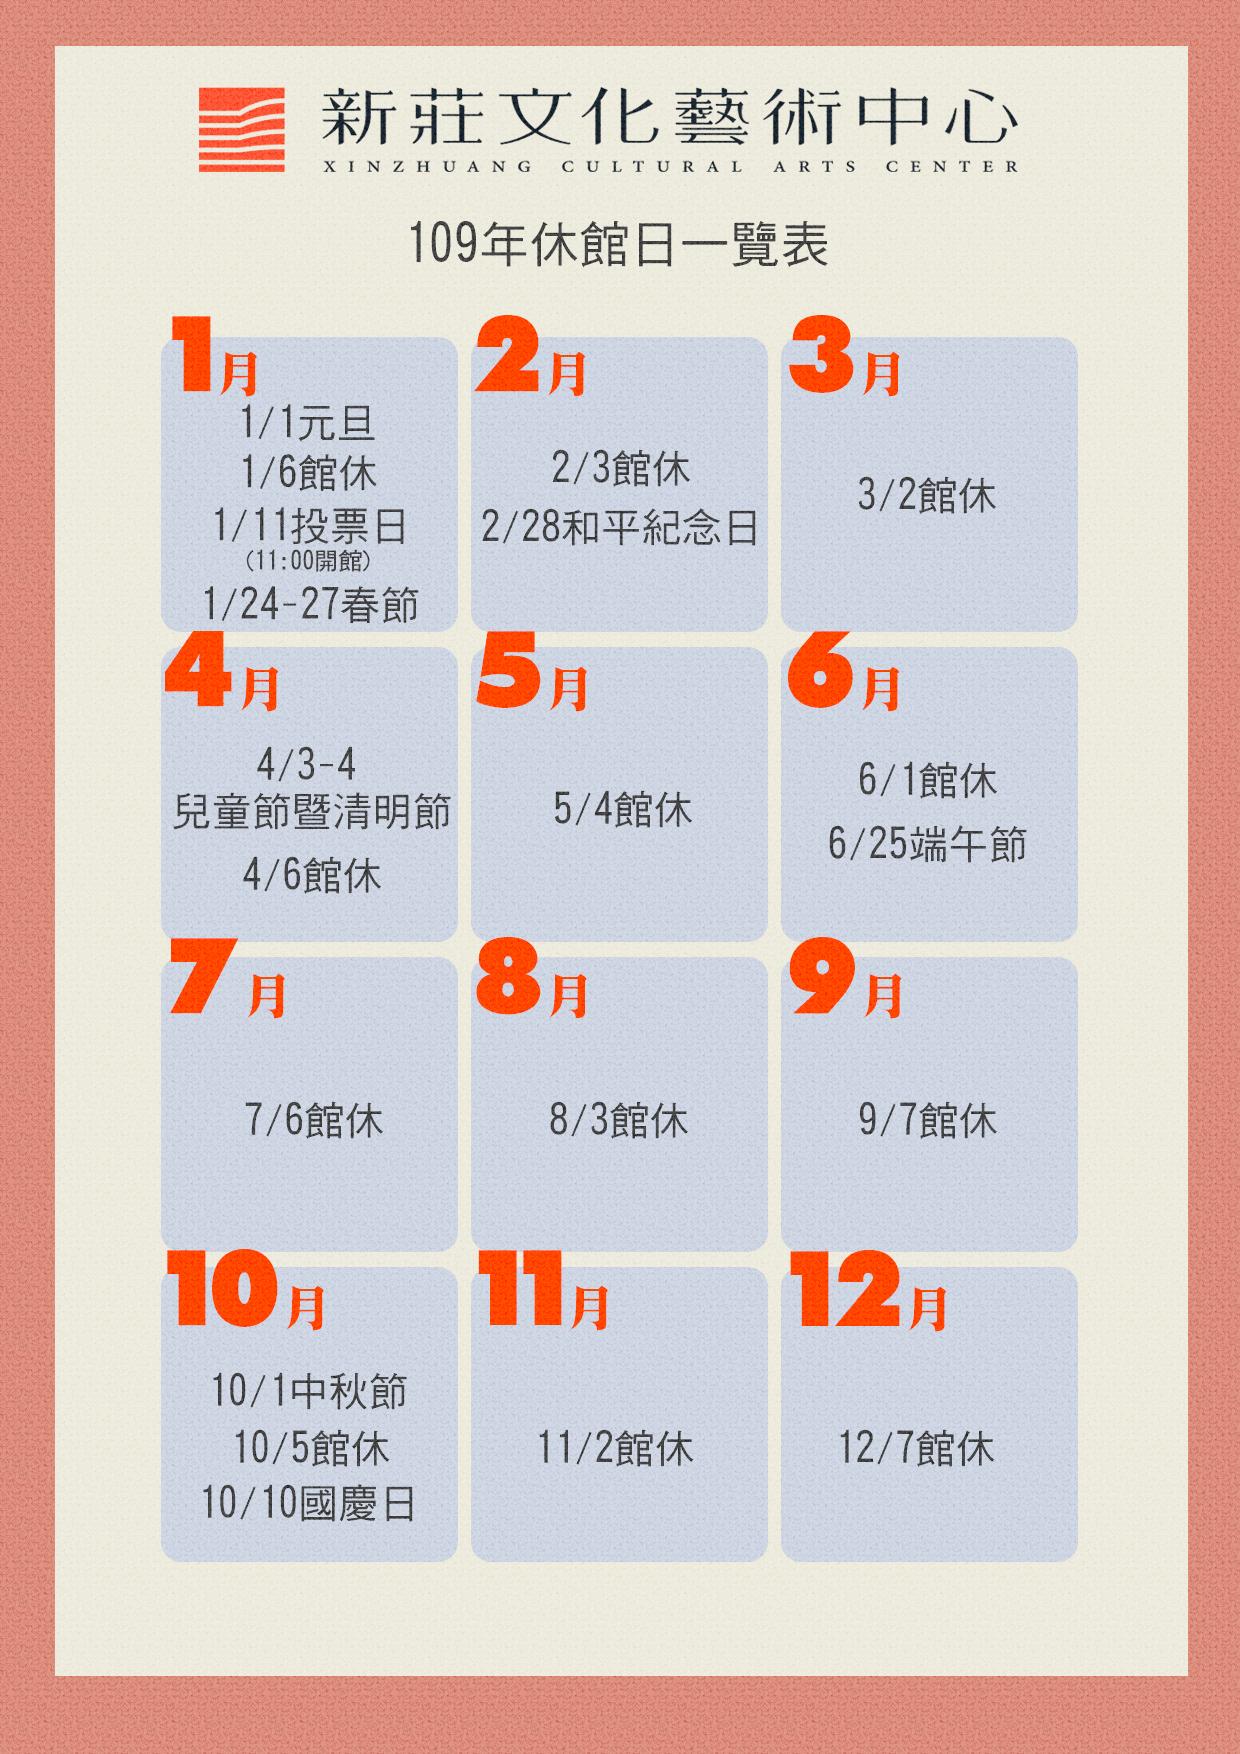 109年新莊文化藝術中心休館日一覽表